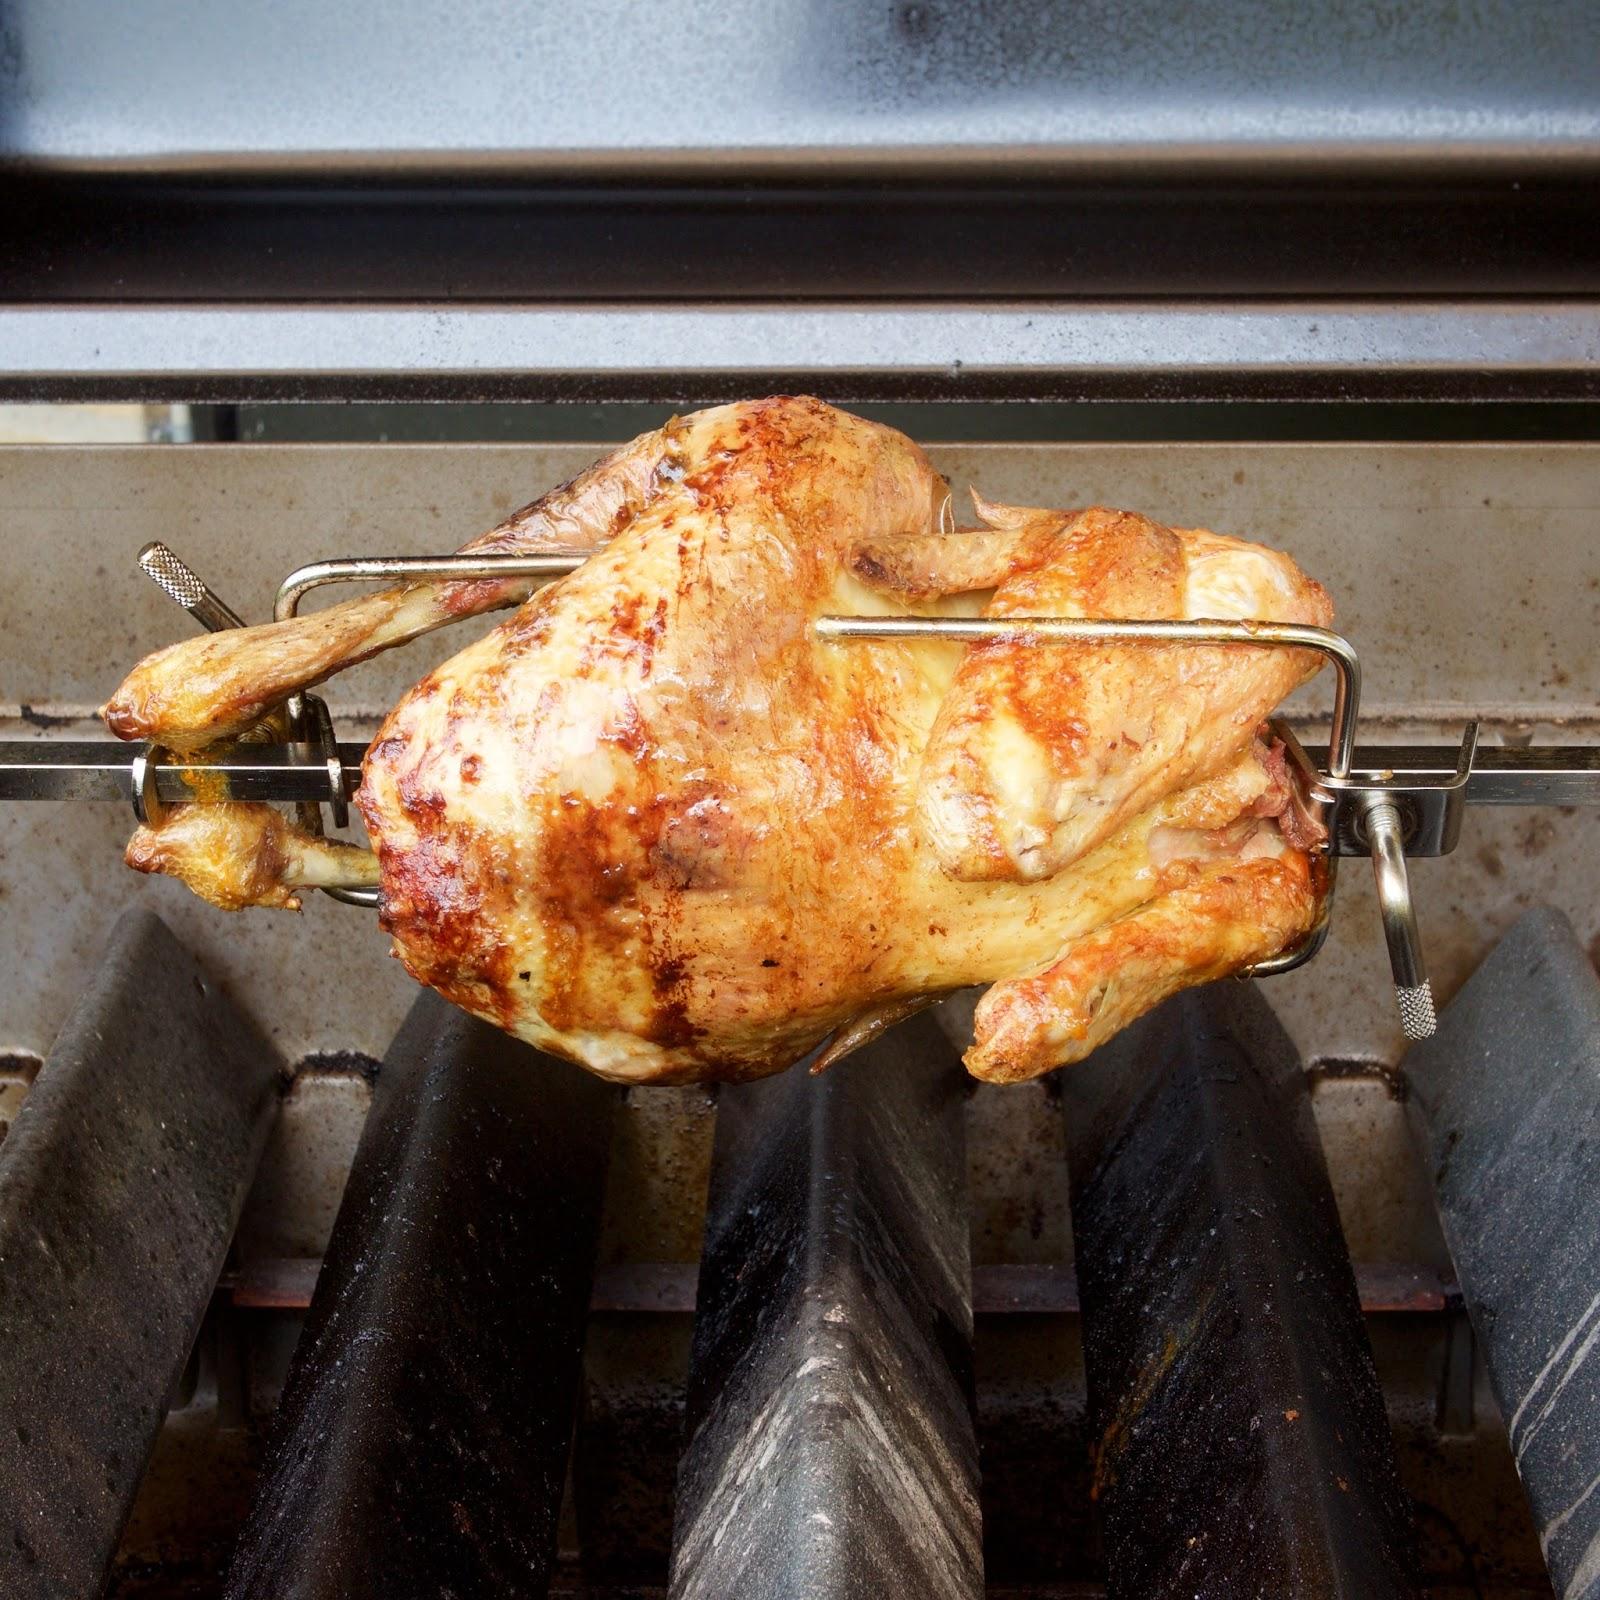 Kylling på gasgrill rotisserie temperatur